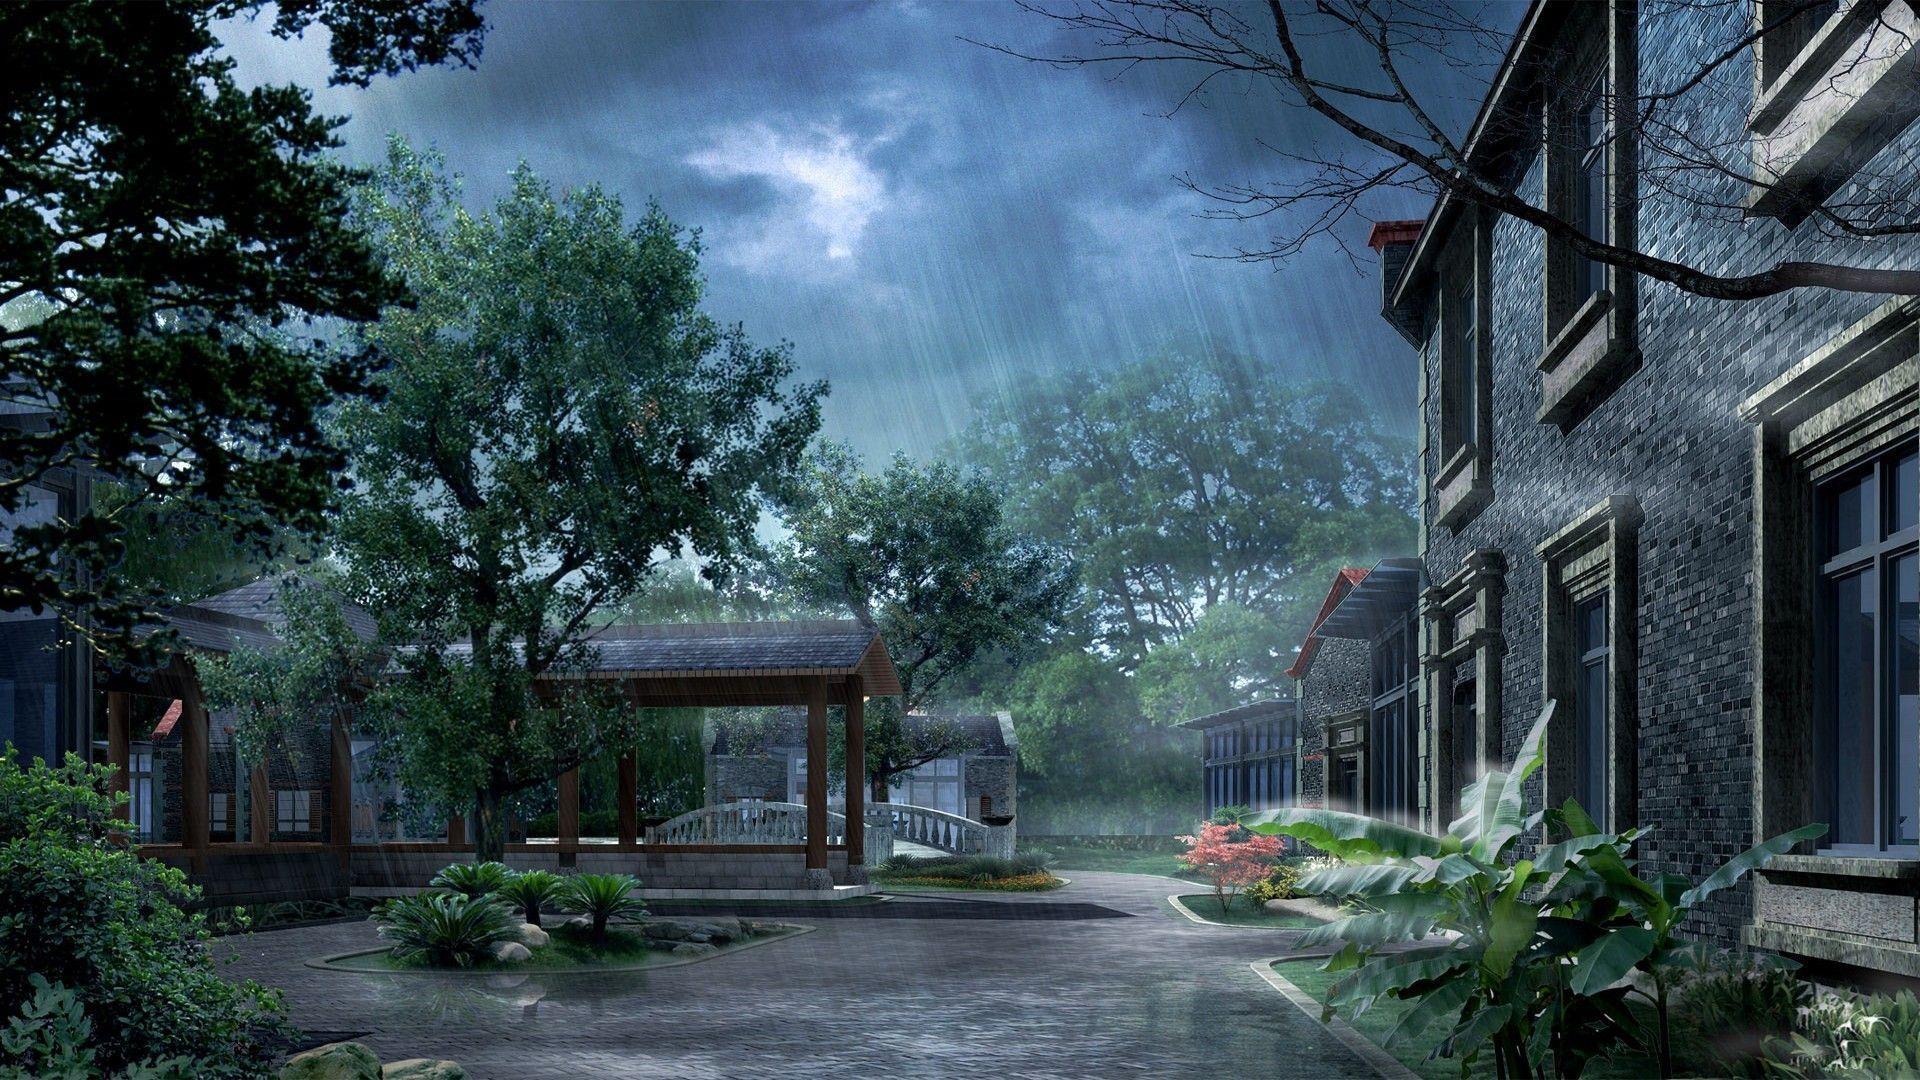 Rain Art Wallpaper (5118) | Nature Wallpaper Osteotx.